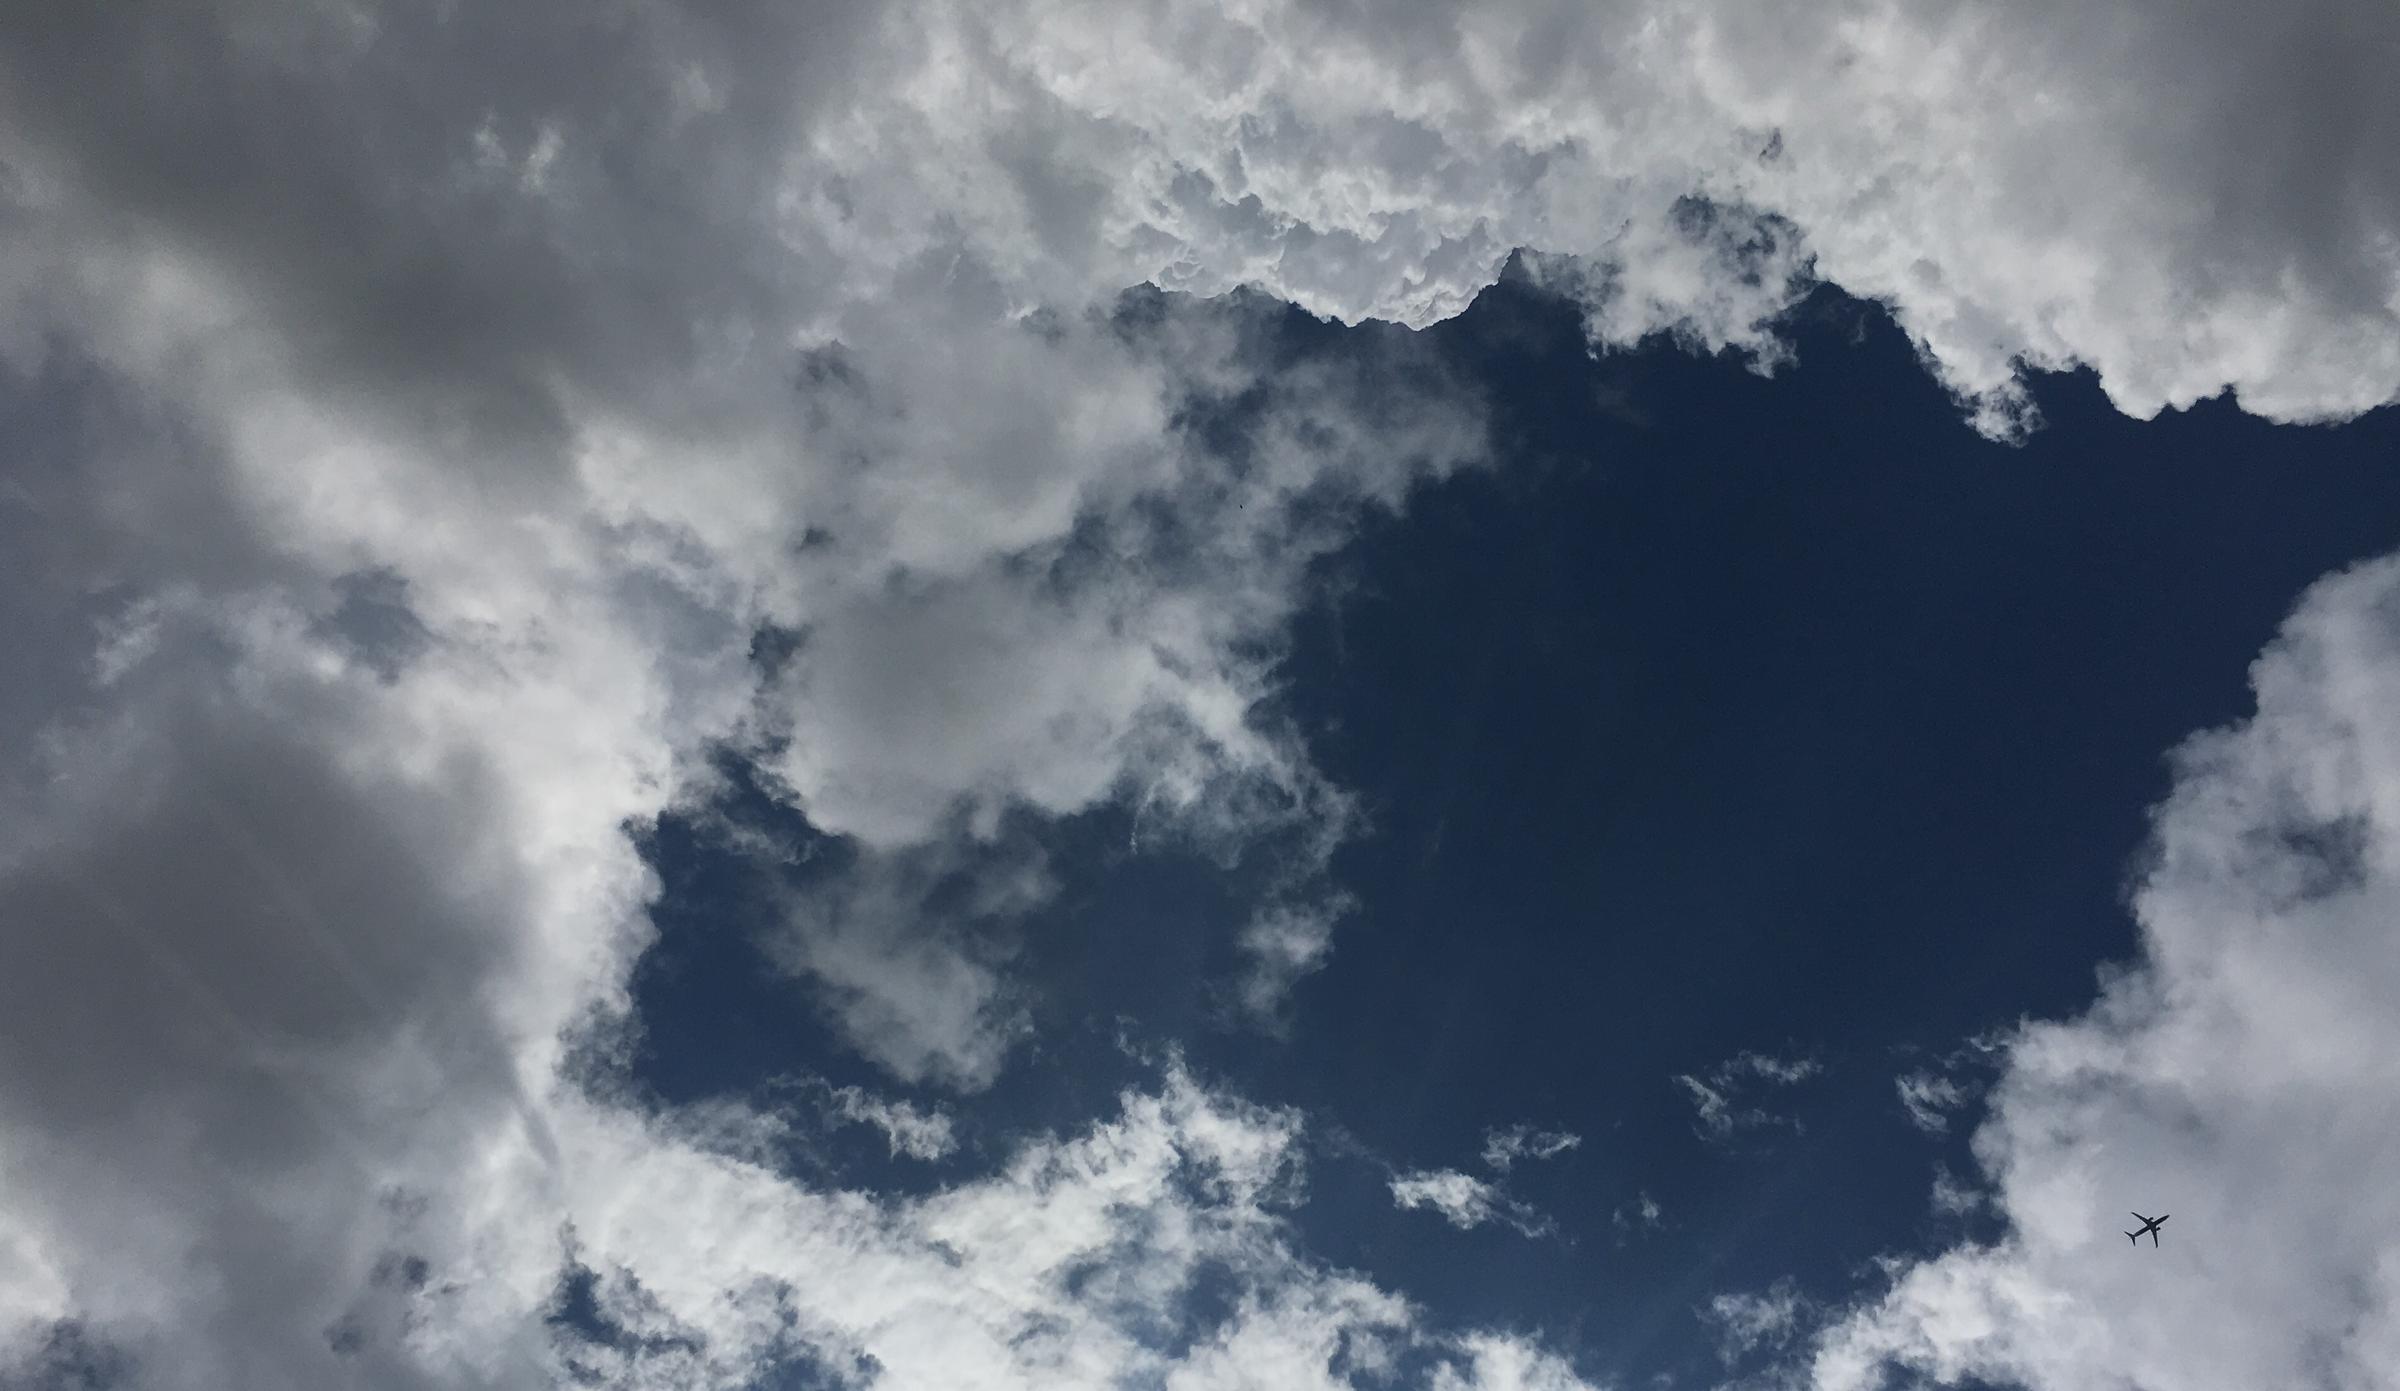 A Nerding Out About Clouds   Connecticut Public Radio